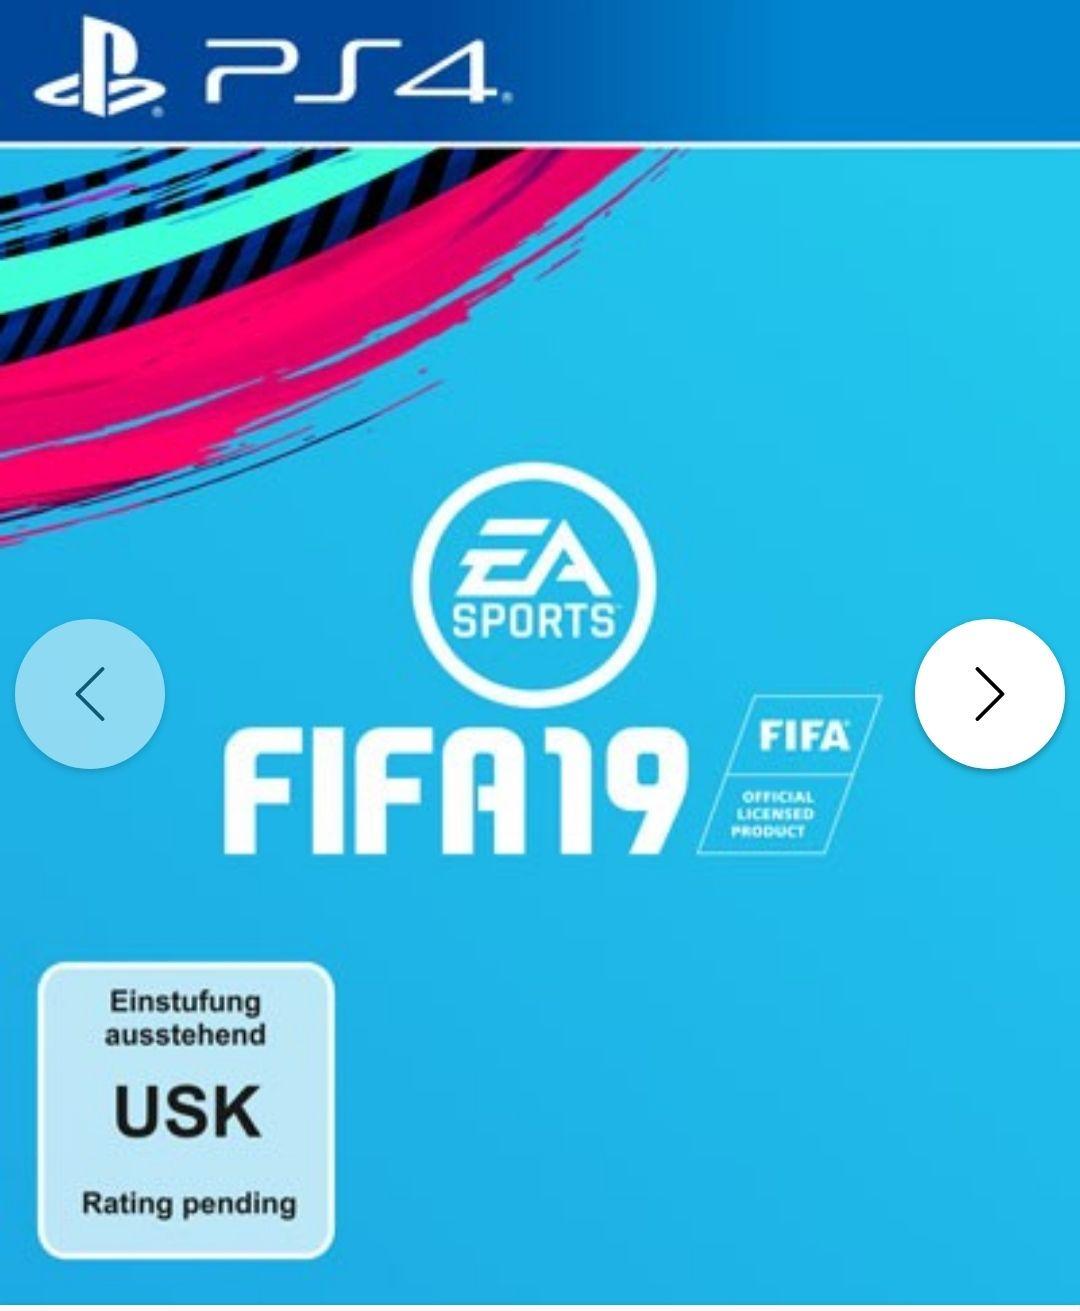 Fifa 19 (PS4/XB1) Bestpreis über Rakuten und Masterpass